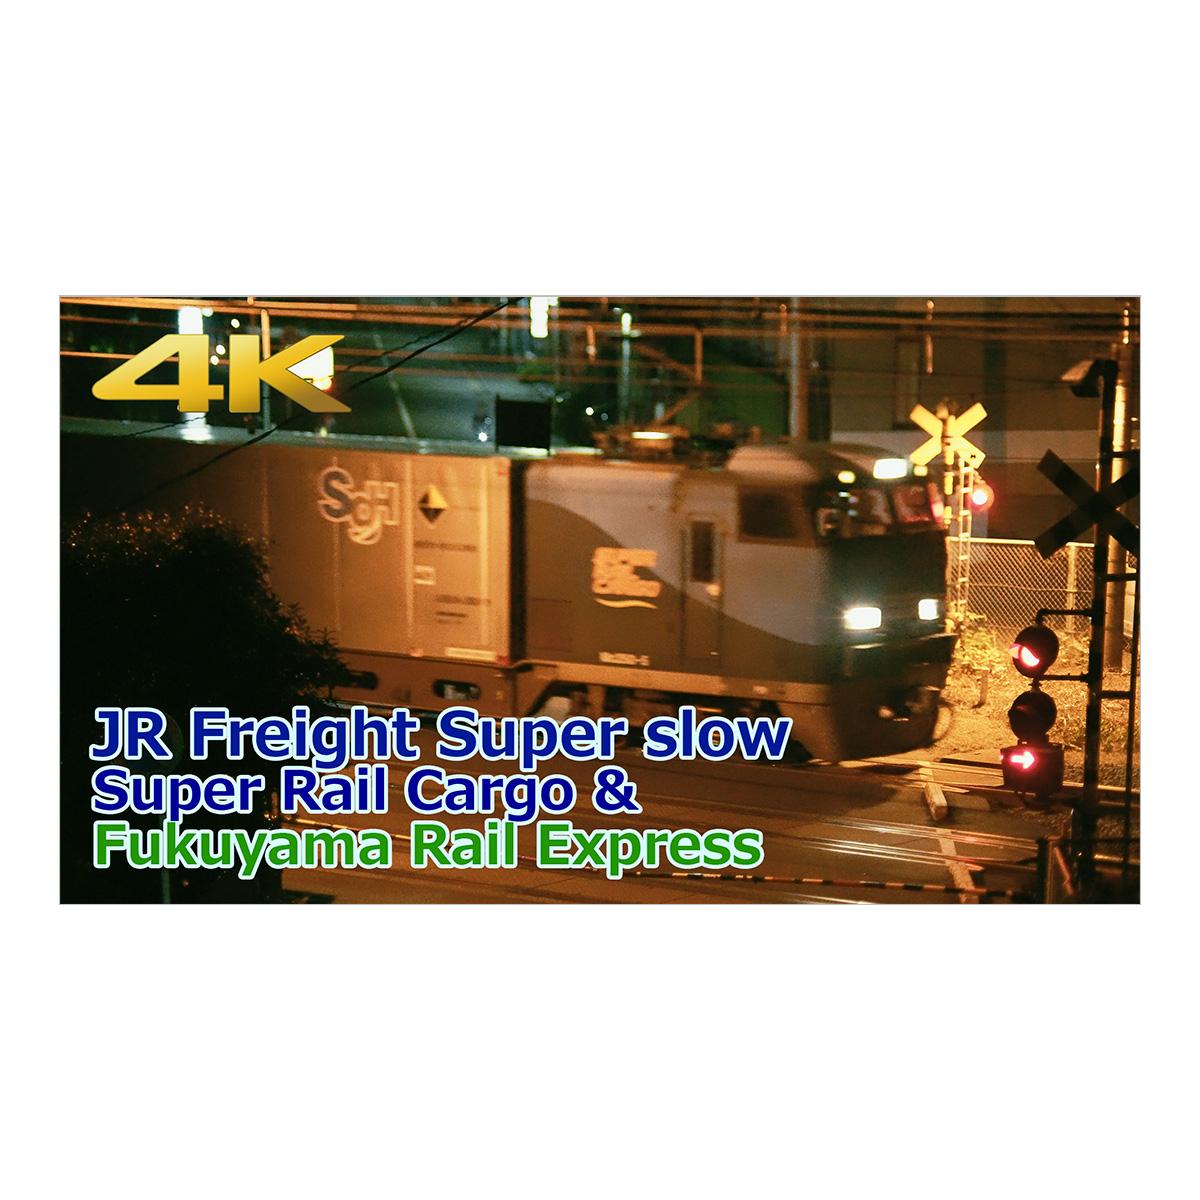 【4K】 スーパーレールカーゴ&福山レールエクスプレス サイドビュースーパースロー